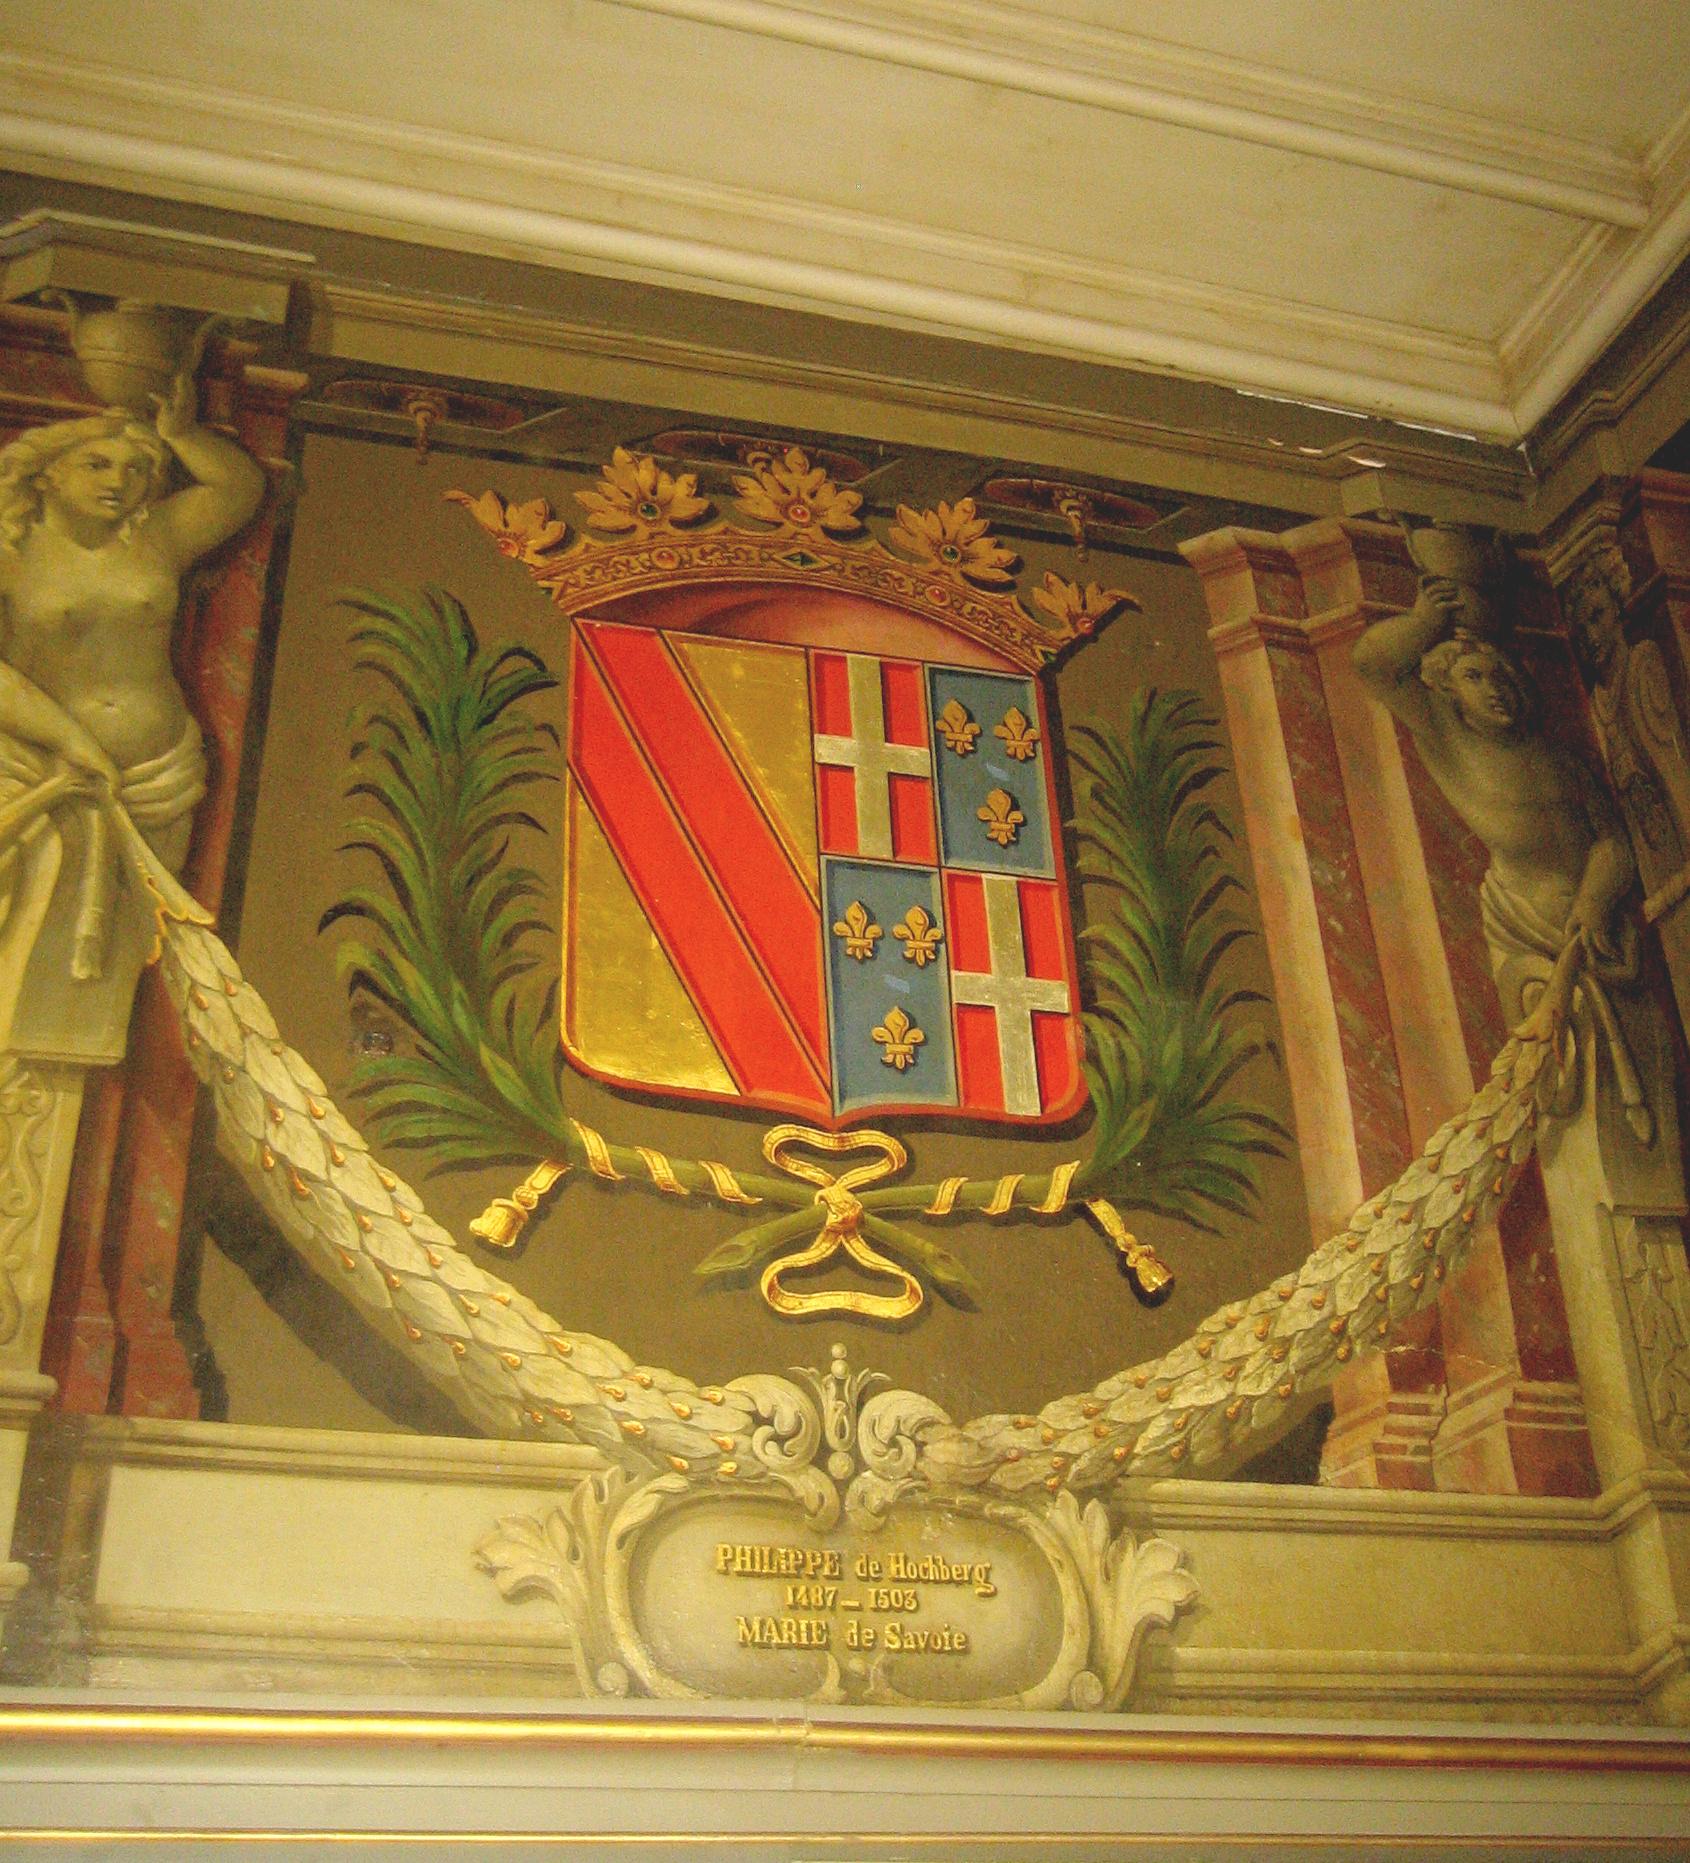 c7b2d058b49 File Wappen Philippe de Hochberg.jpg - Wikimedia Commons